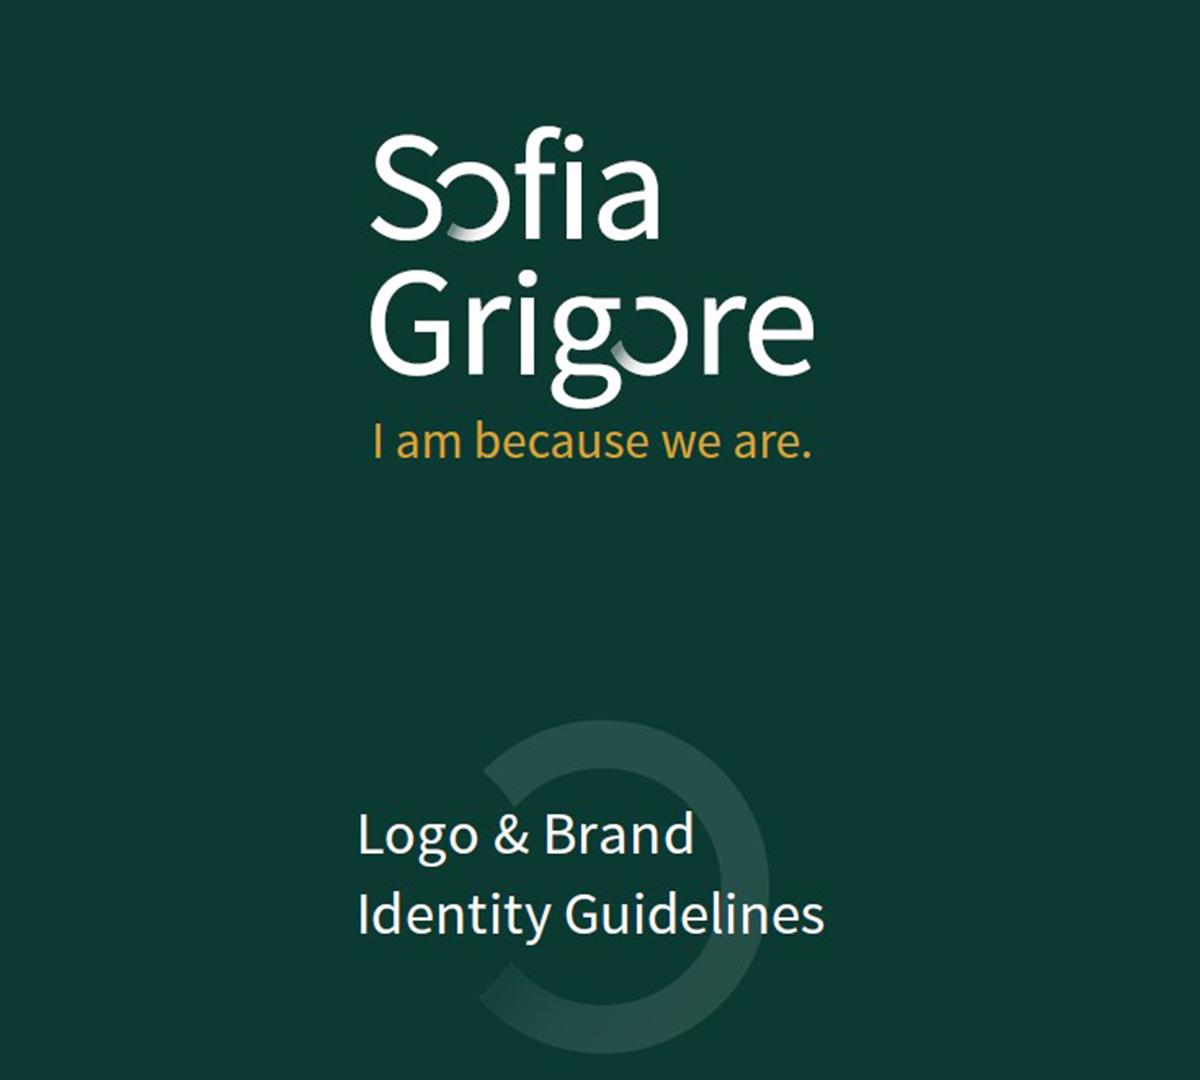 Sofia Grigore